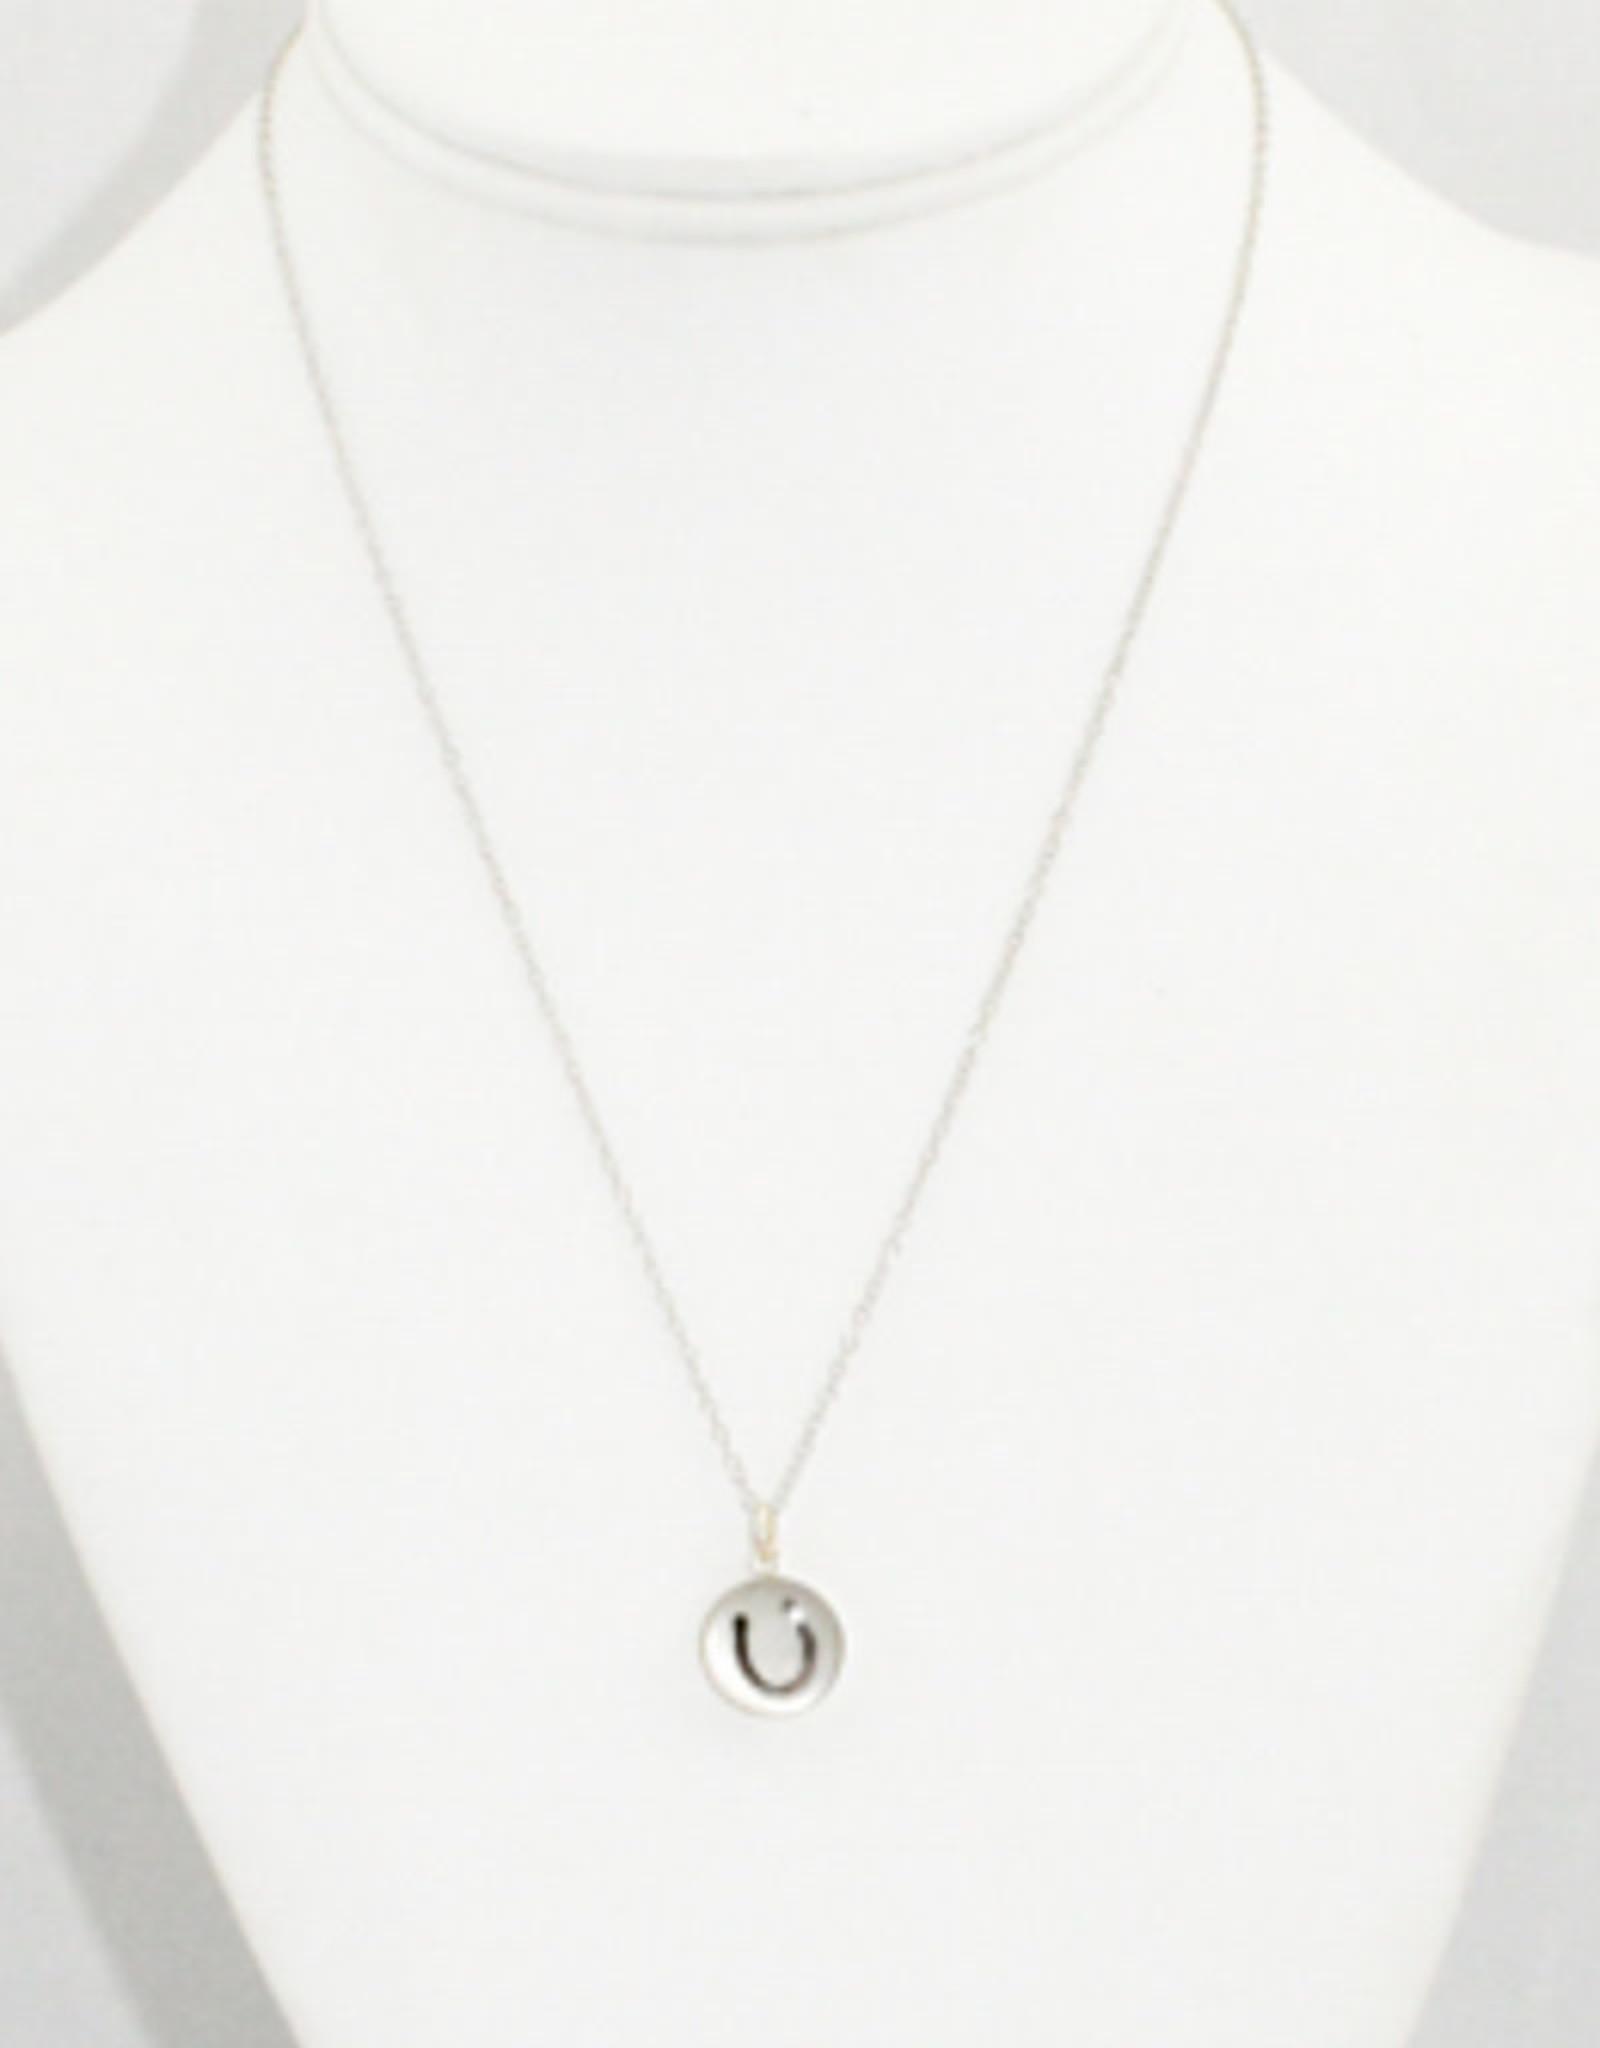 Everyday Artifacts Horseshoe Necklace